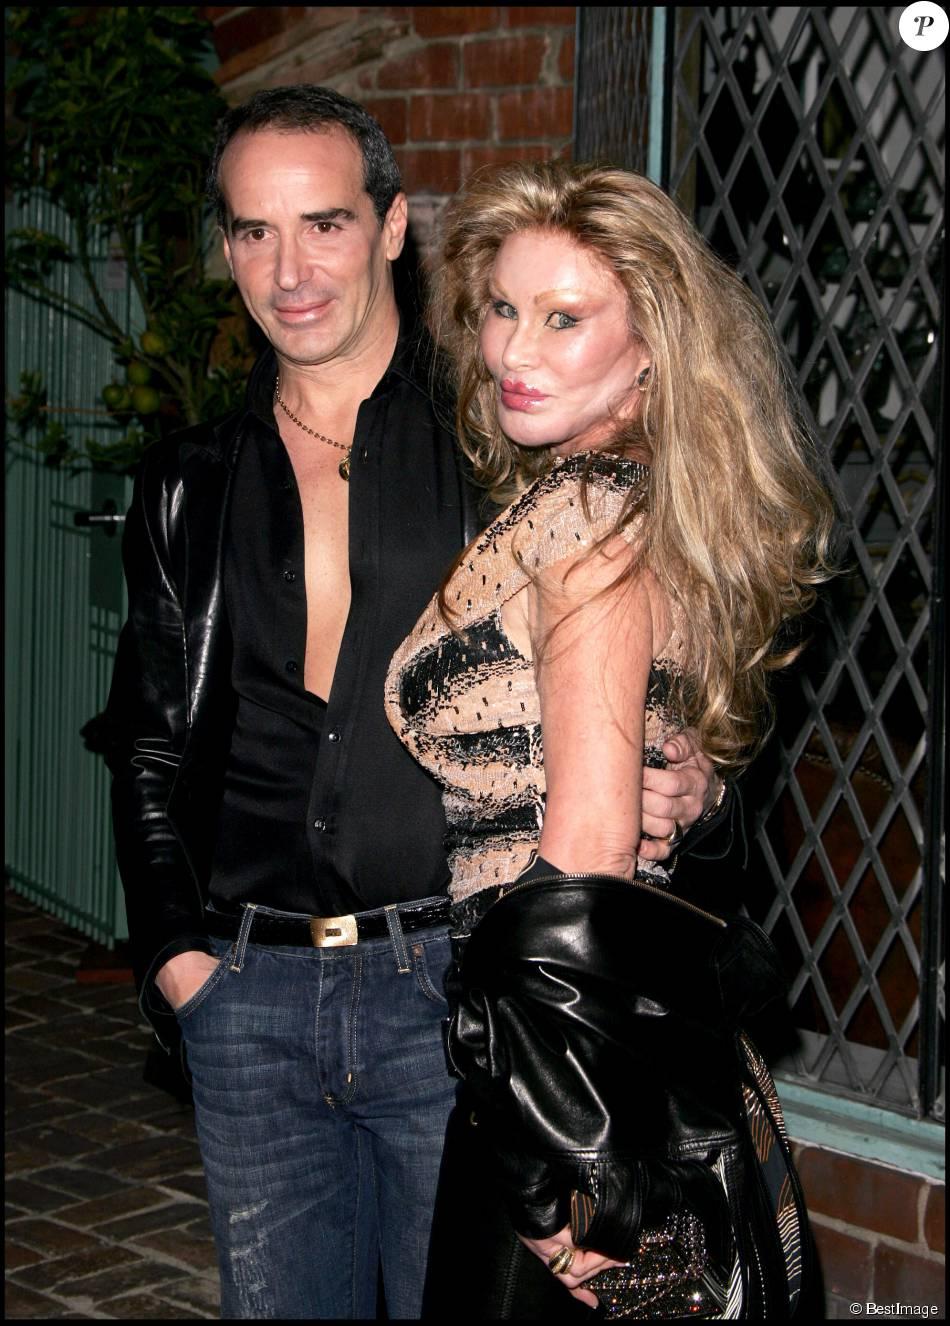 JOCELYN WILDENSTEIN ET LLOYD KLEIN - OUVERTURE DE LA NOUVELLE BOUTIQUE LLOYD KLEIN A LOS ANGELES 14/11/2006 - Los Angeles